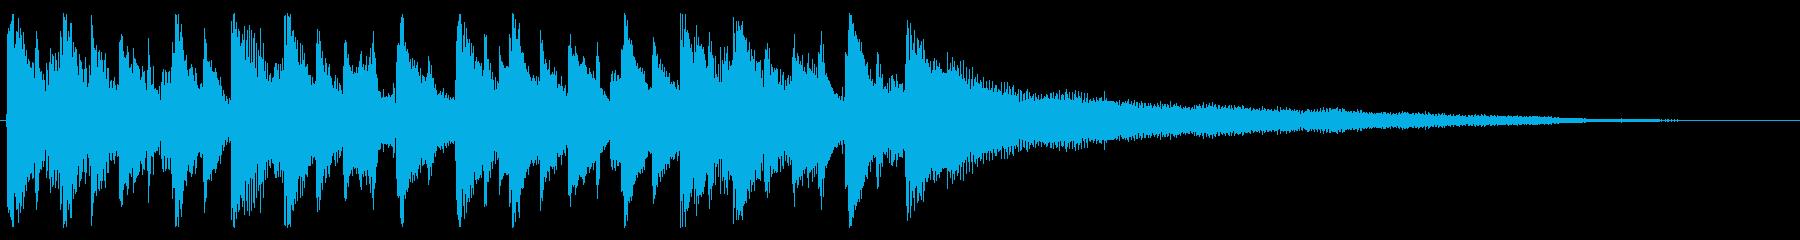 コーポレート系ビジネスジングルの再生済みの波形